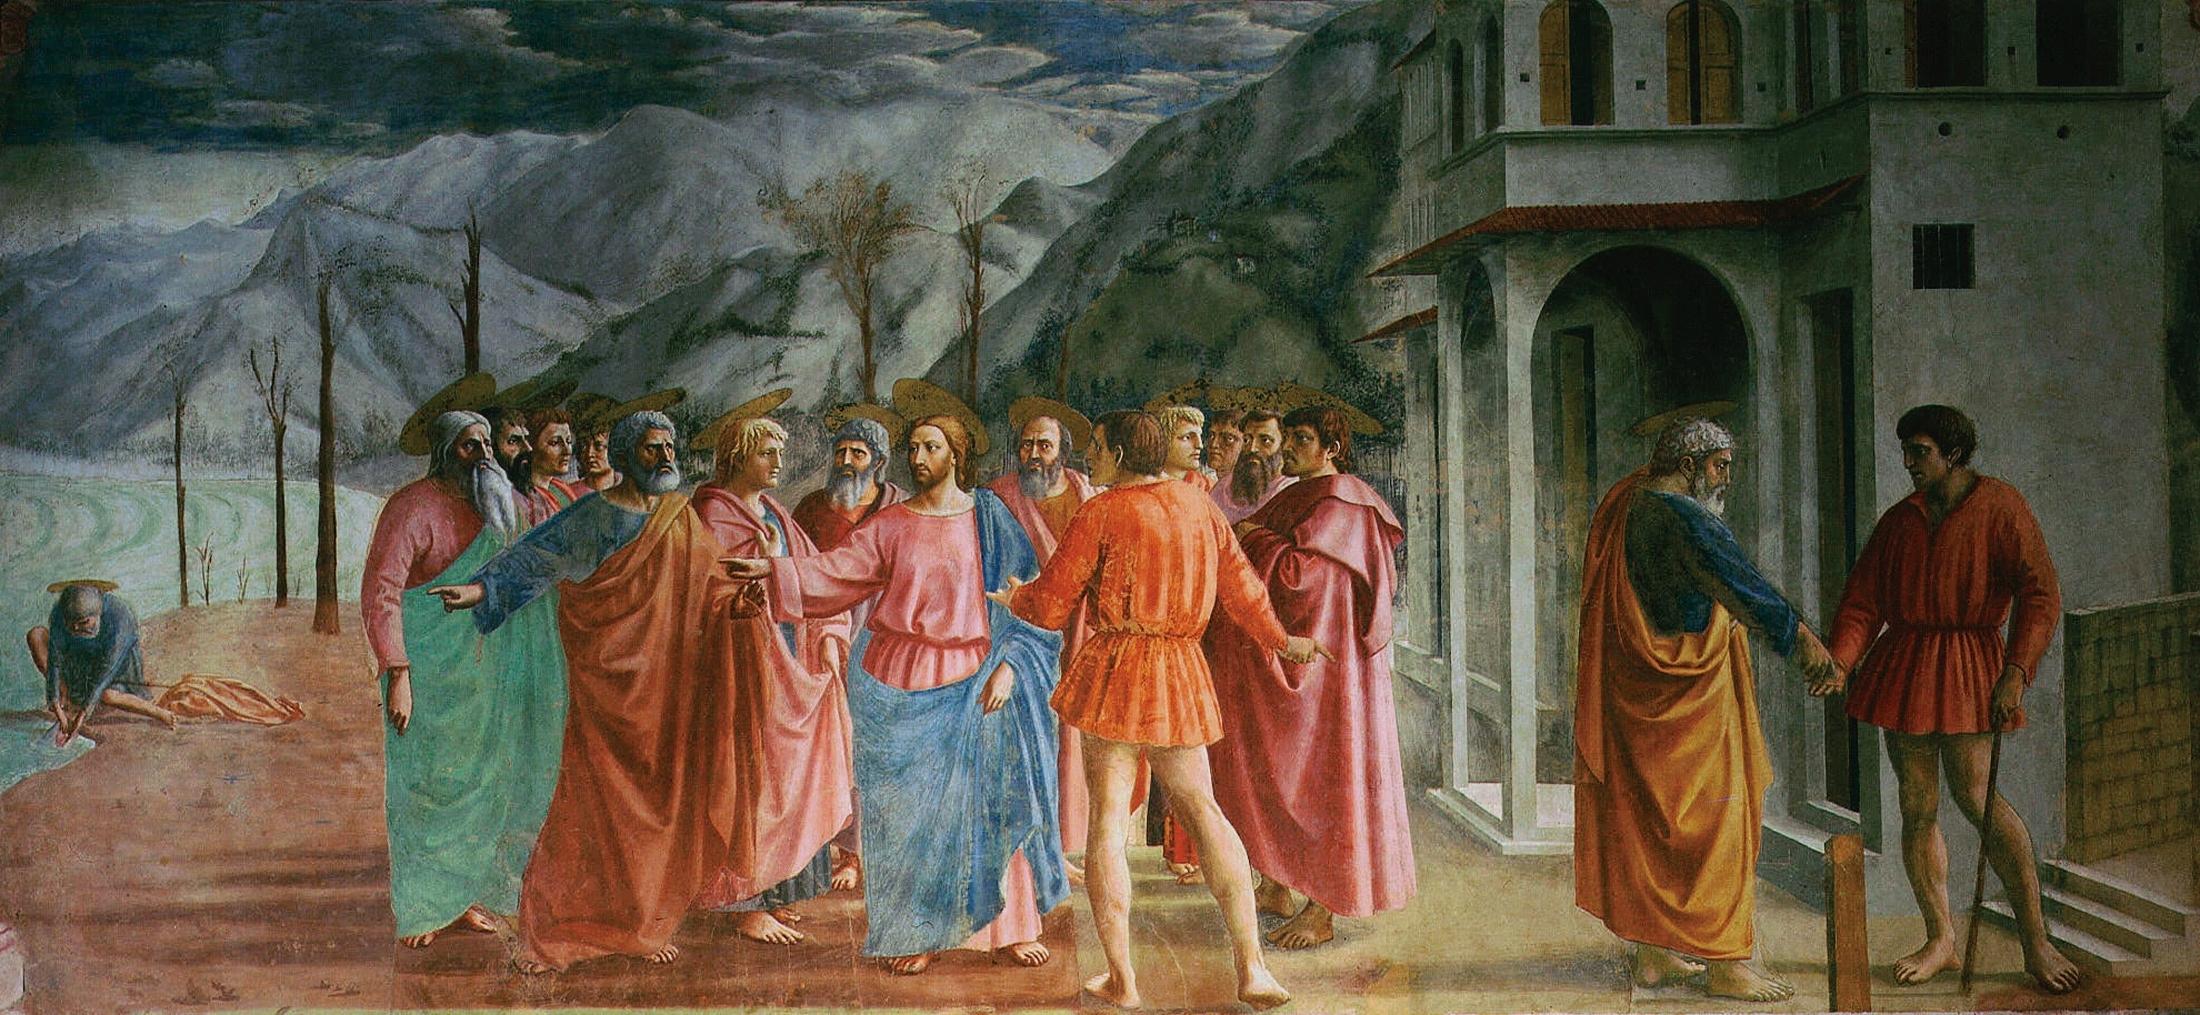 Le paiement du tribut par Masaccio 1426-27 Chapelle Brancacci eglise Santa Maria del Carmine Florence